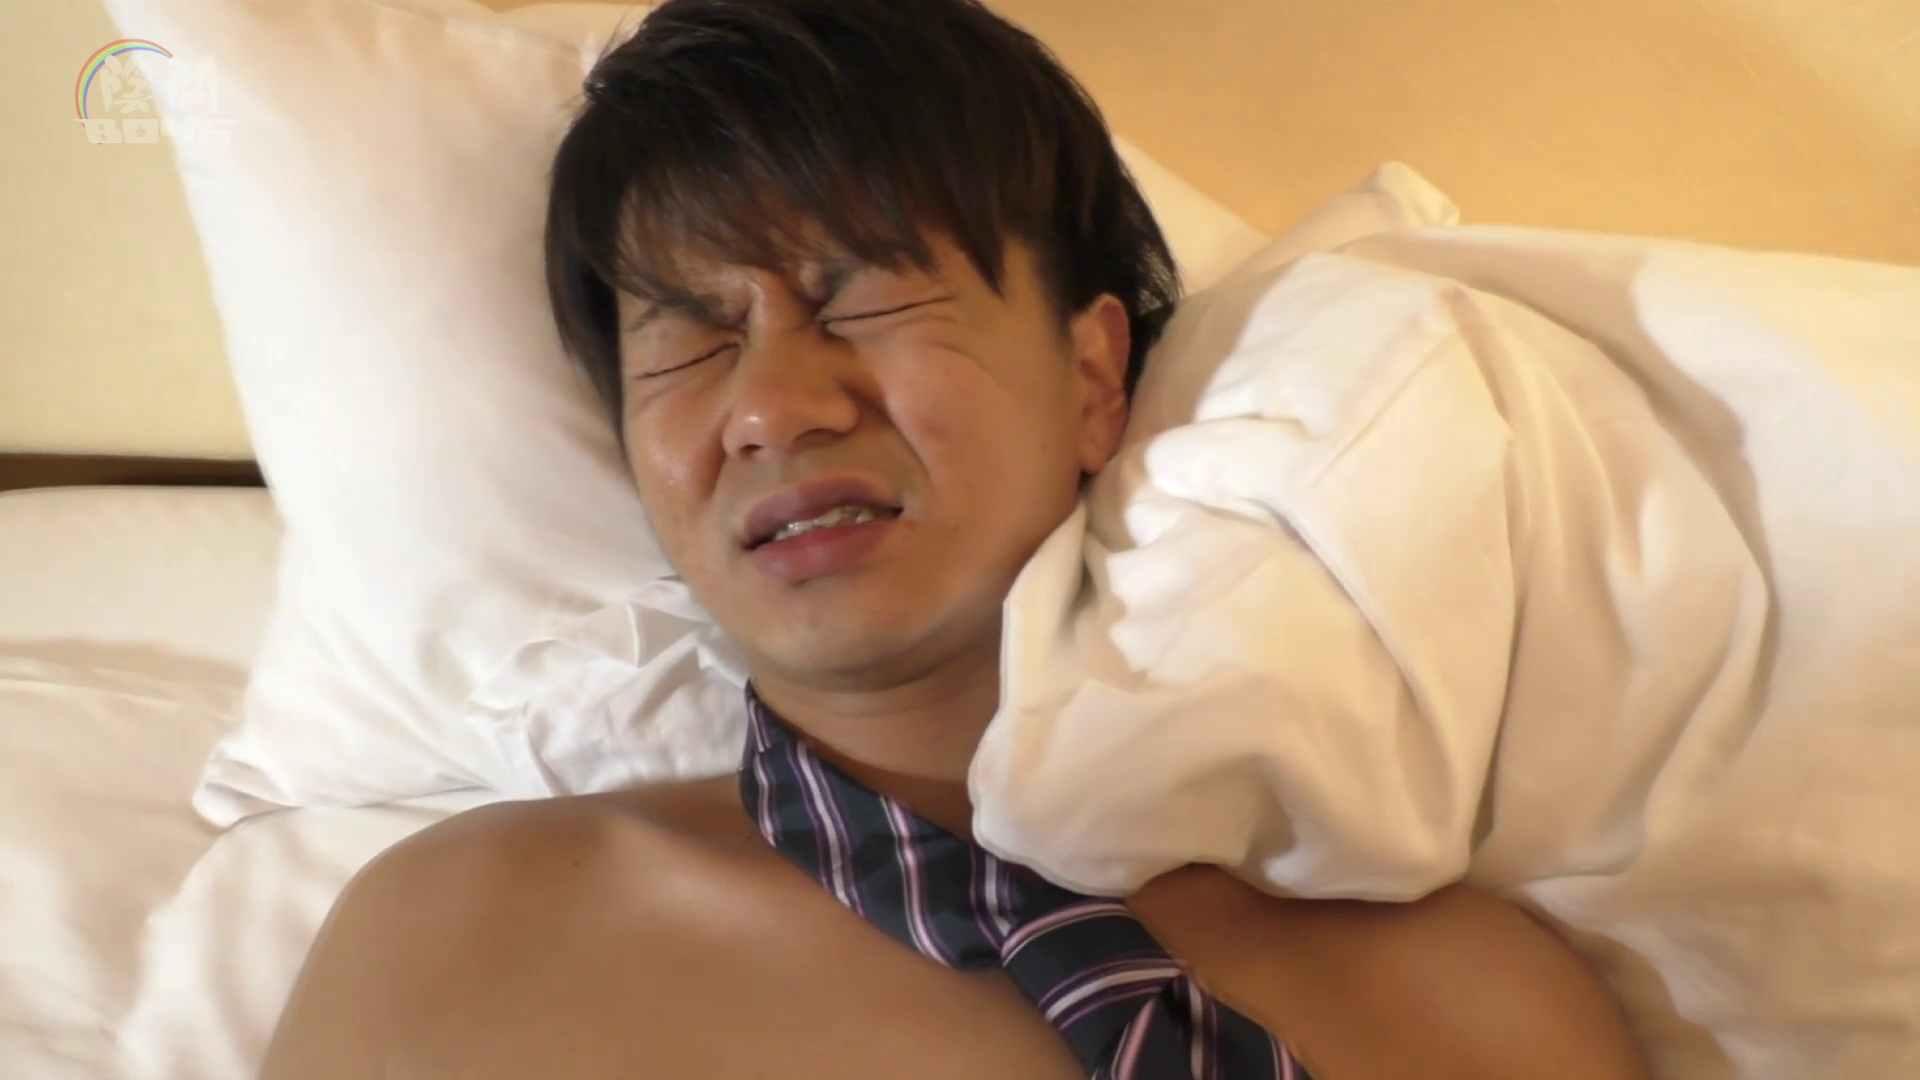 キャバクラの仕事はアナルから6  ~アナルの囁き~Vol.06 手コキ ゲイアダルトビデオ画像 91pic 16